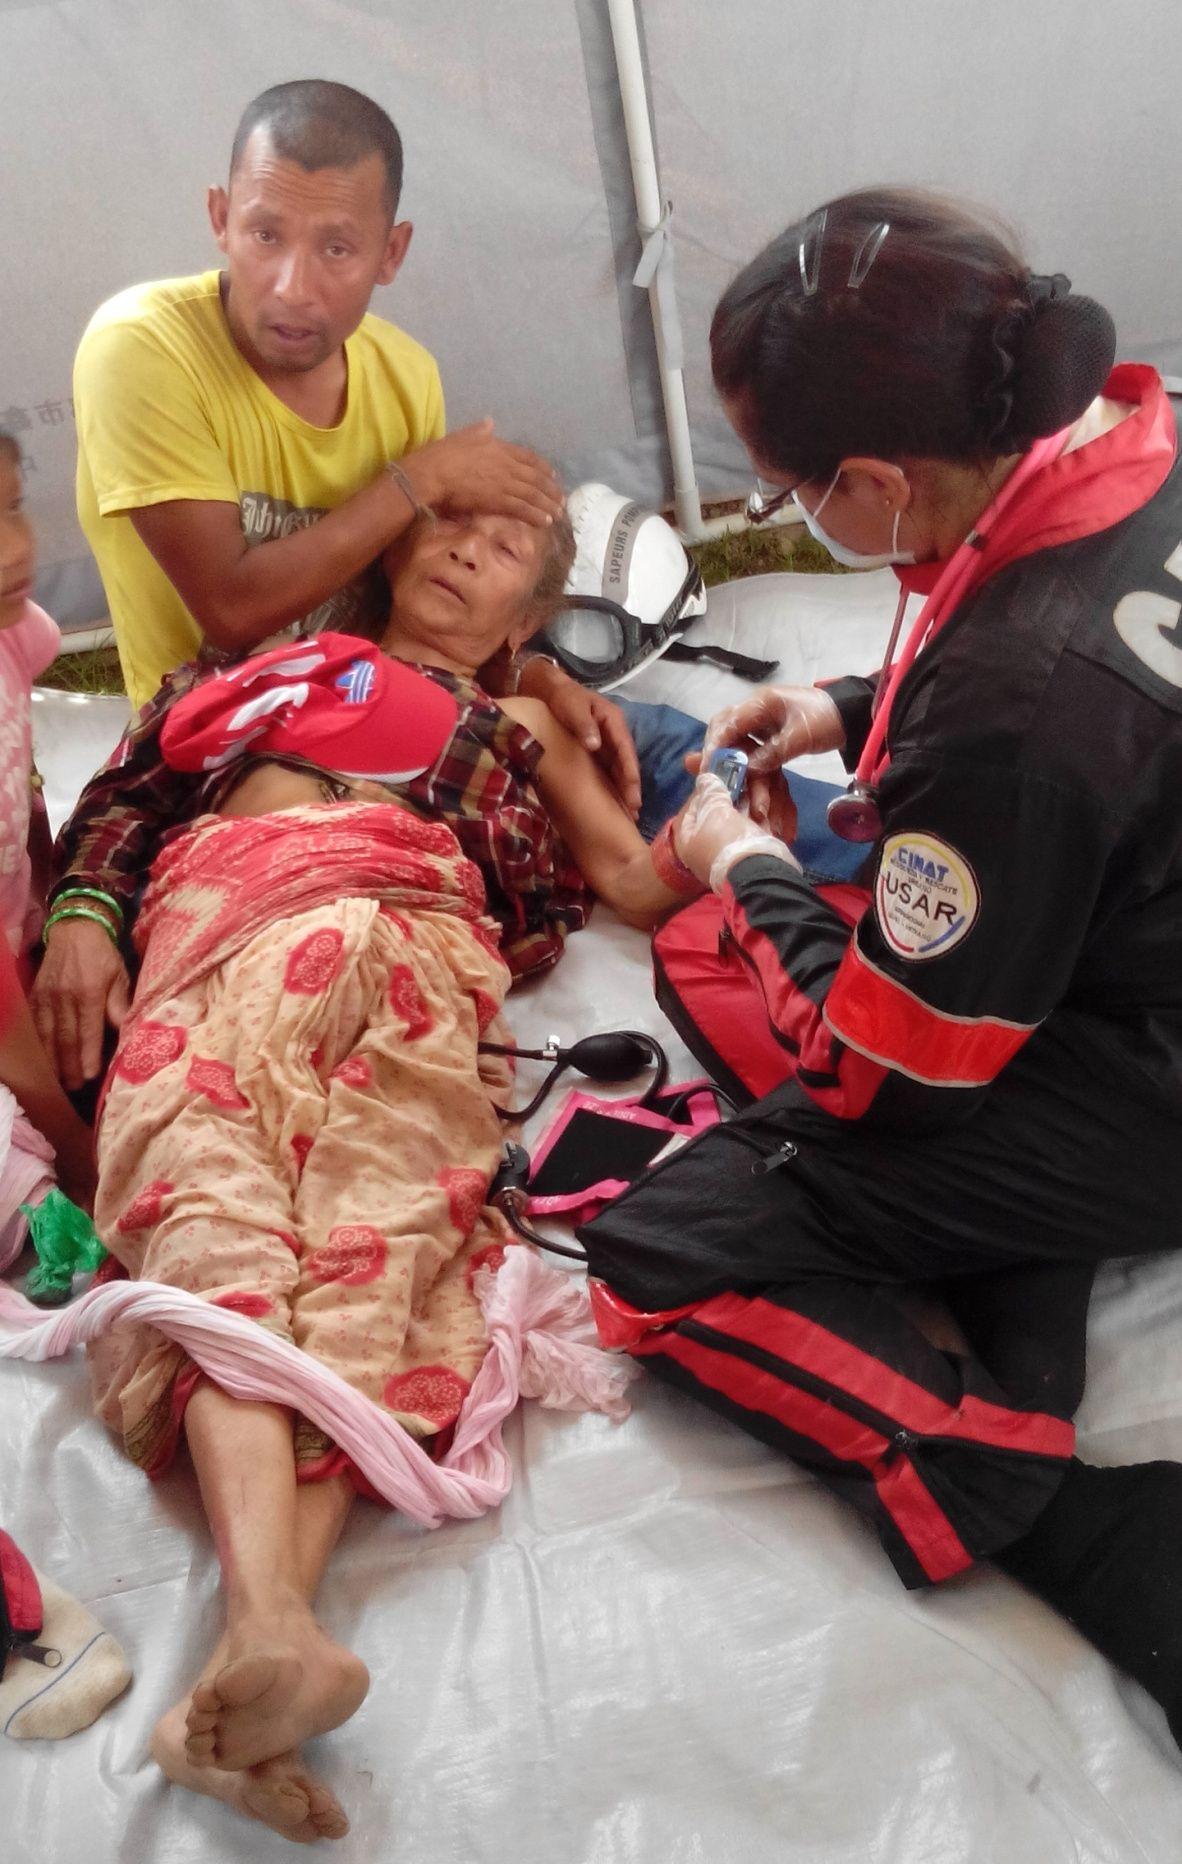 Une vieille femme, souffrant de déshydratation sévère et à l'article de la mort, est amenée à la tente médicale.